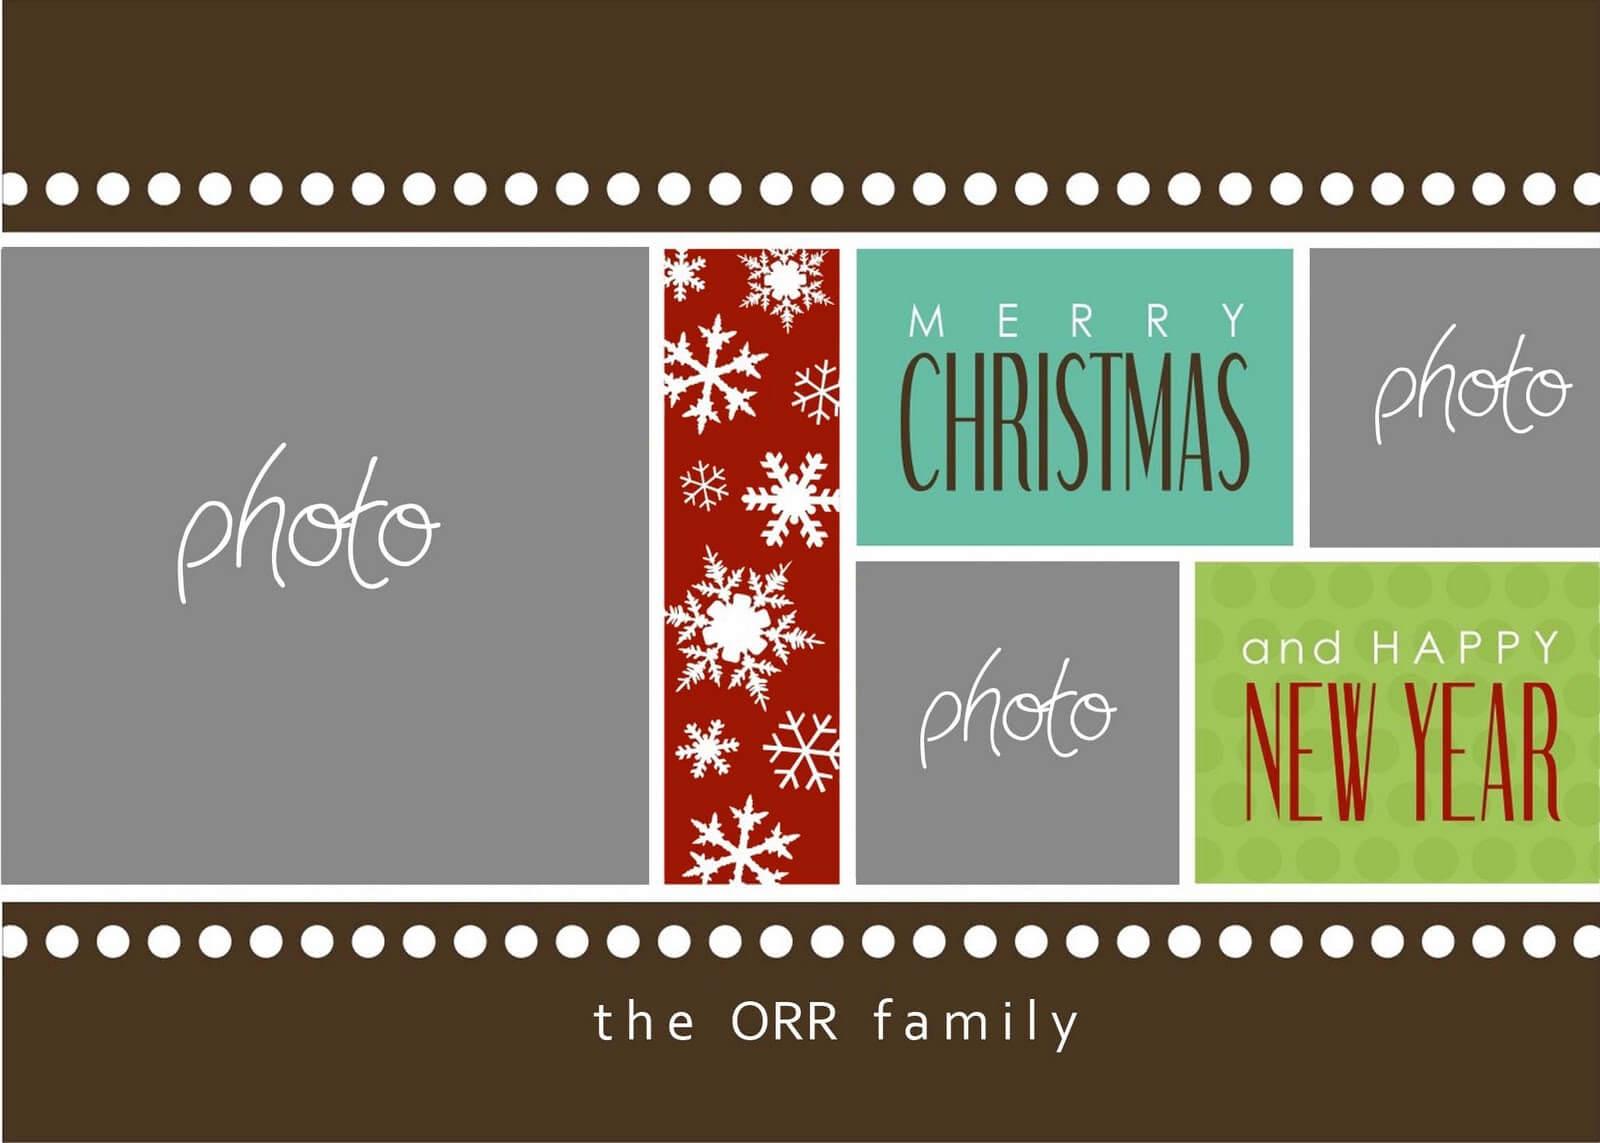 Christmas Cards Templates Photoshop ] - Christmas Card Regarding Free Christmas Card Templates For Photoshop